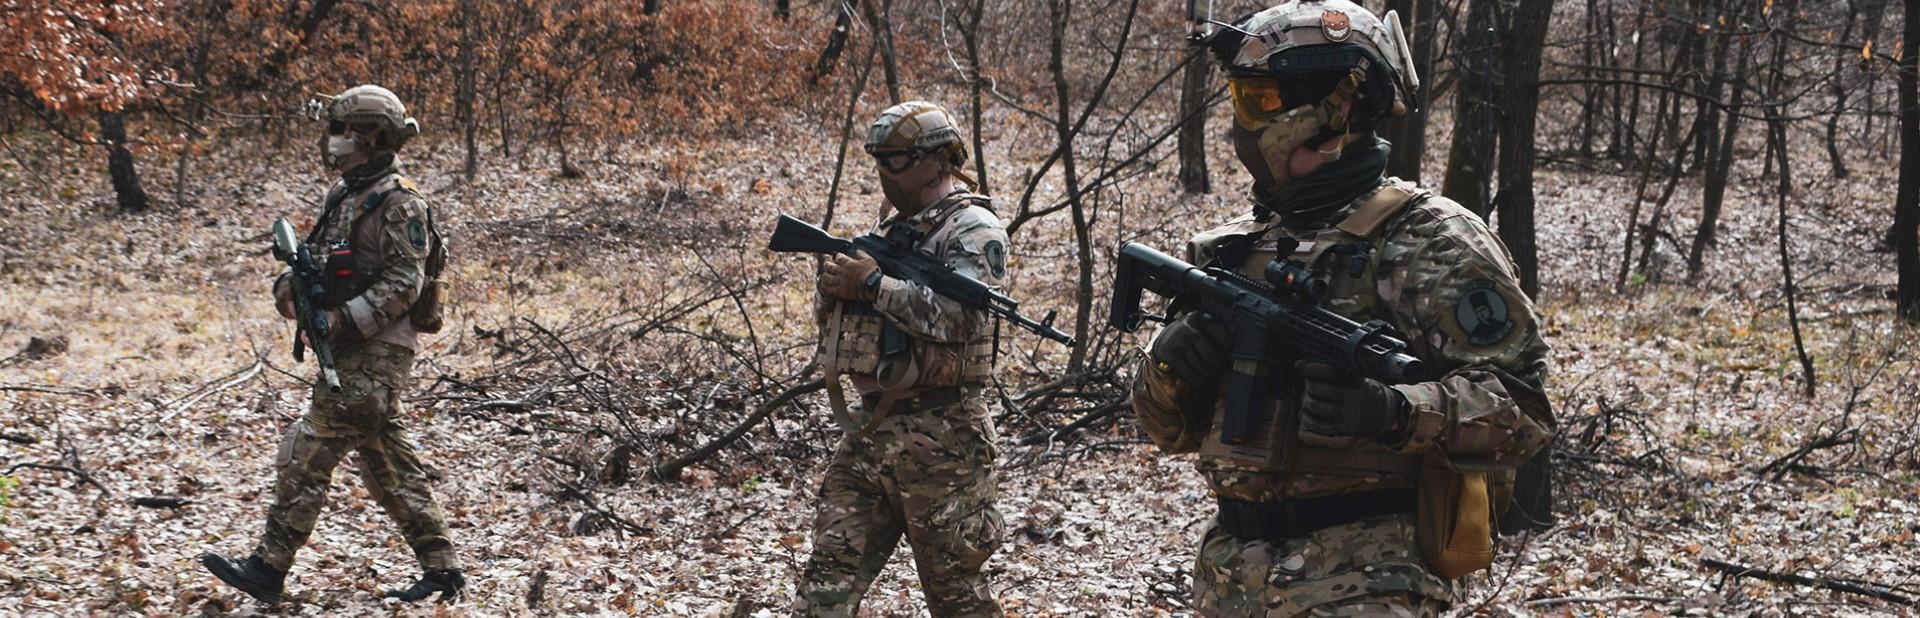 Στρατιωτικα ειδη